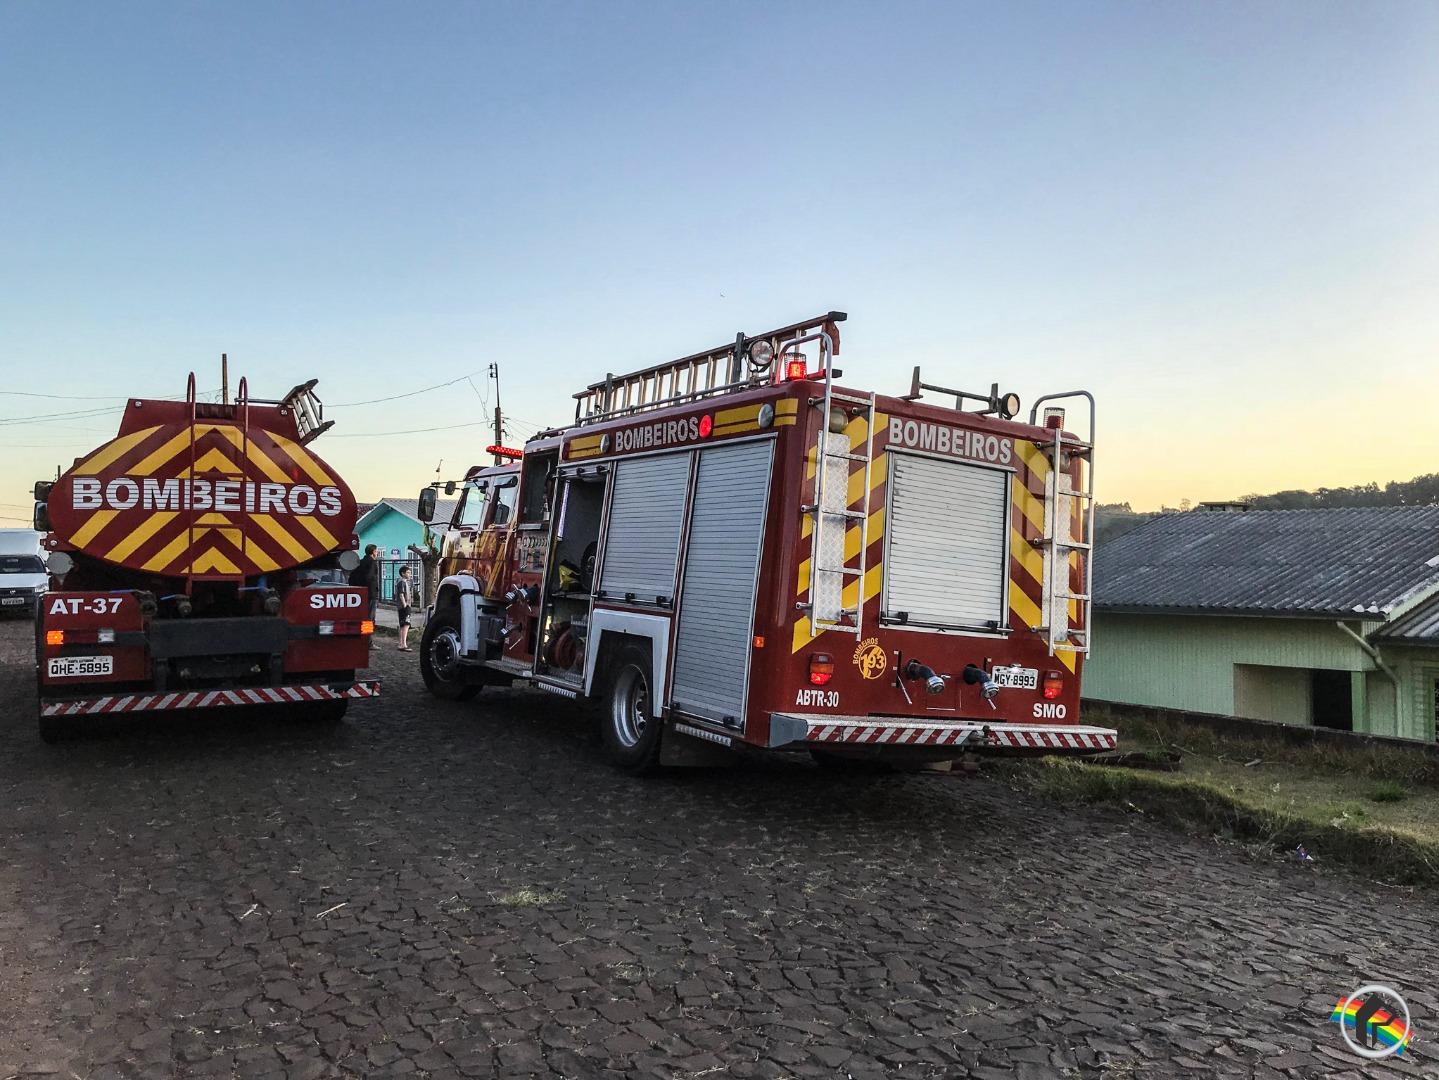 Princípio de incêndio mobiliza bombeiros em São Miguel do Oeste